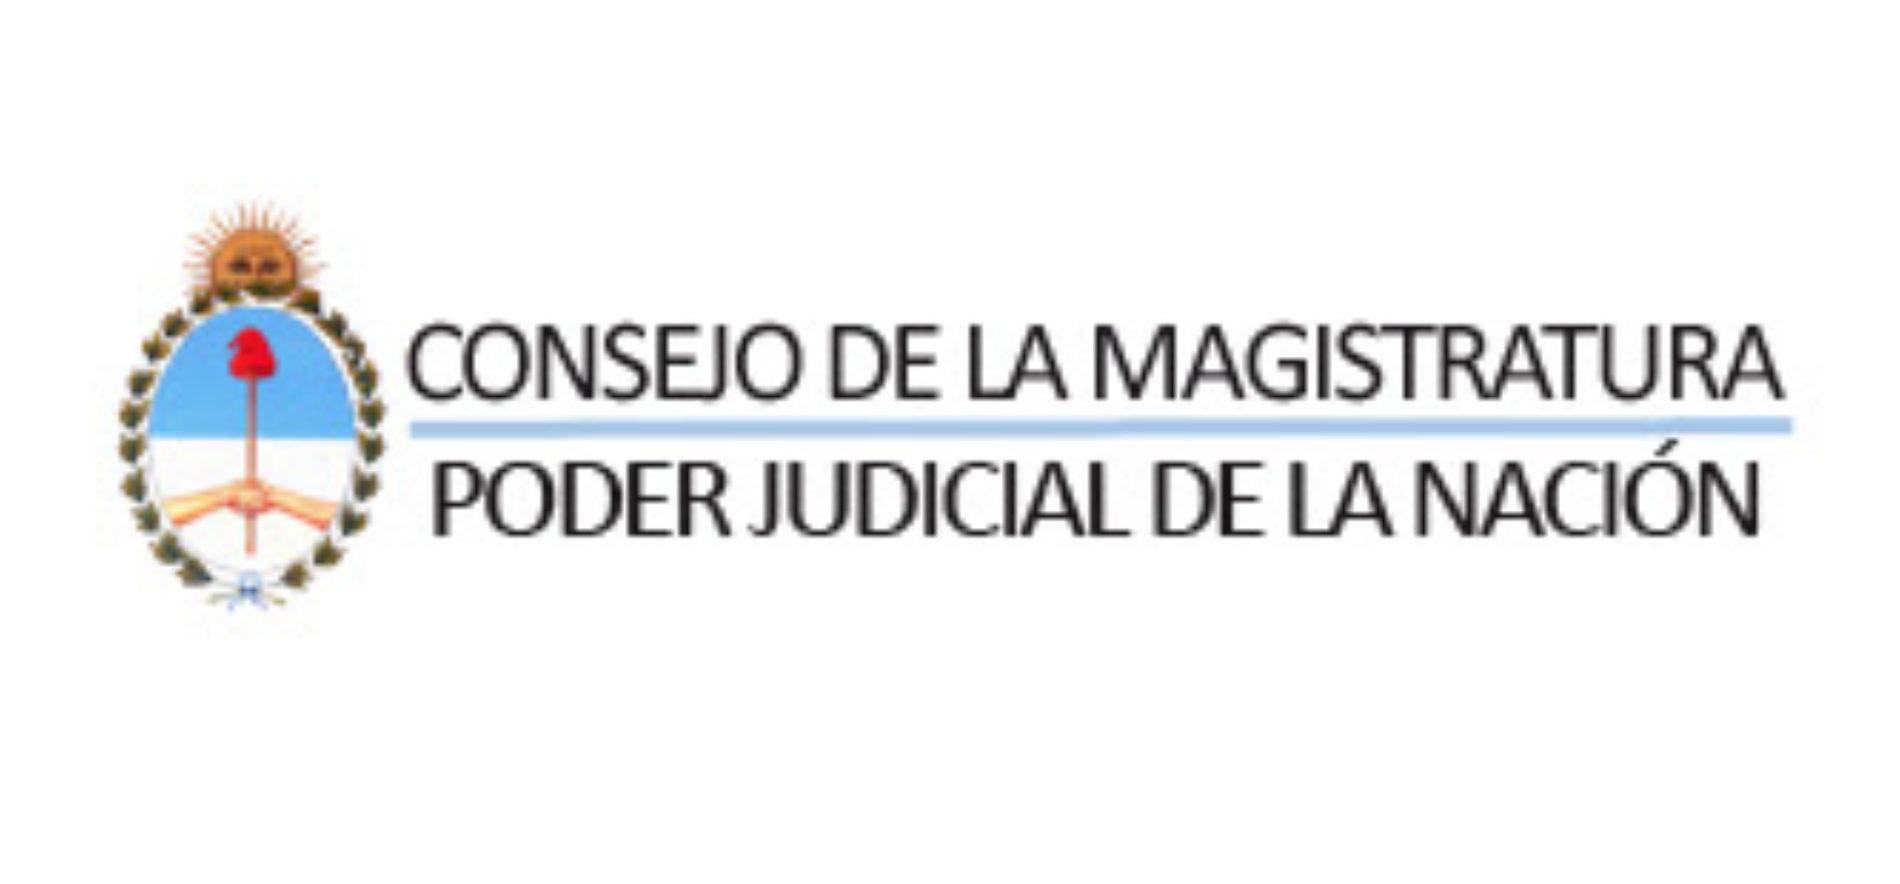 CONSEJO DE LA MAGISTRATURA DE LA NACIÓN. LLAMADO A CONCURSOS.